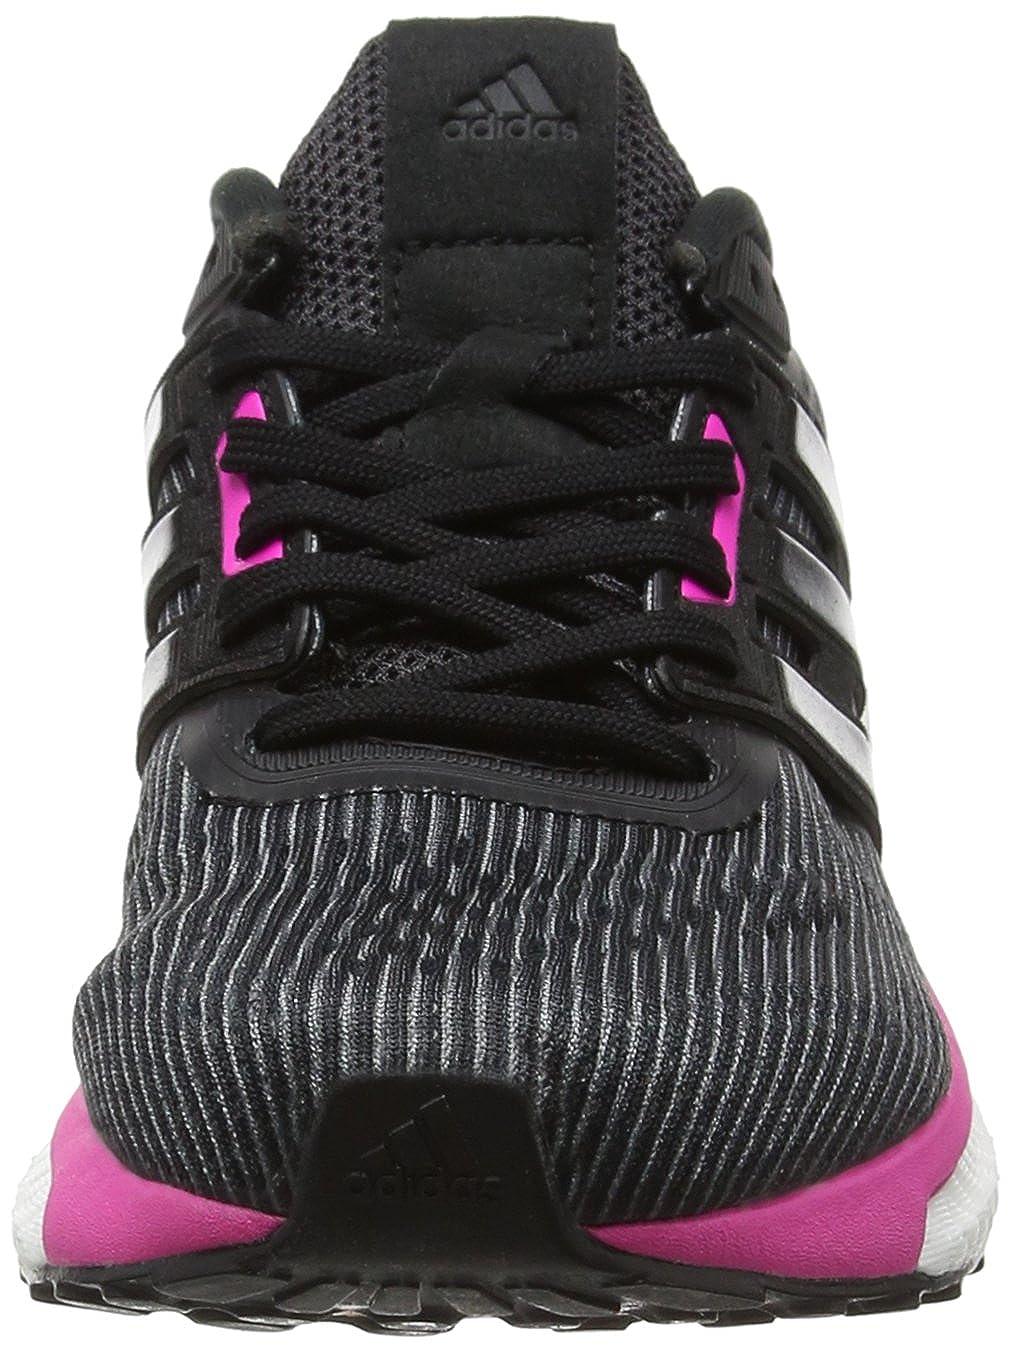 buy online 95f78 dd307 adidas Damen Supernova-bb3483 Laufschuhe Amazon.de Schuhe  Handtaschen